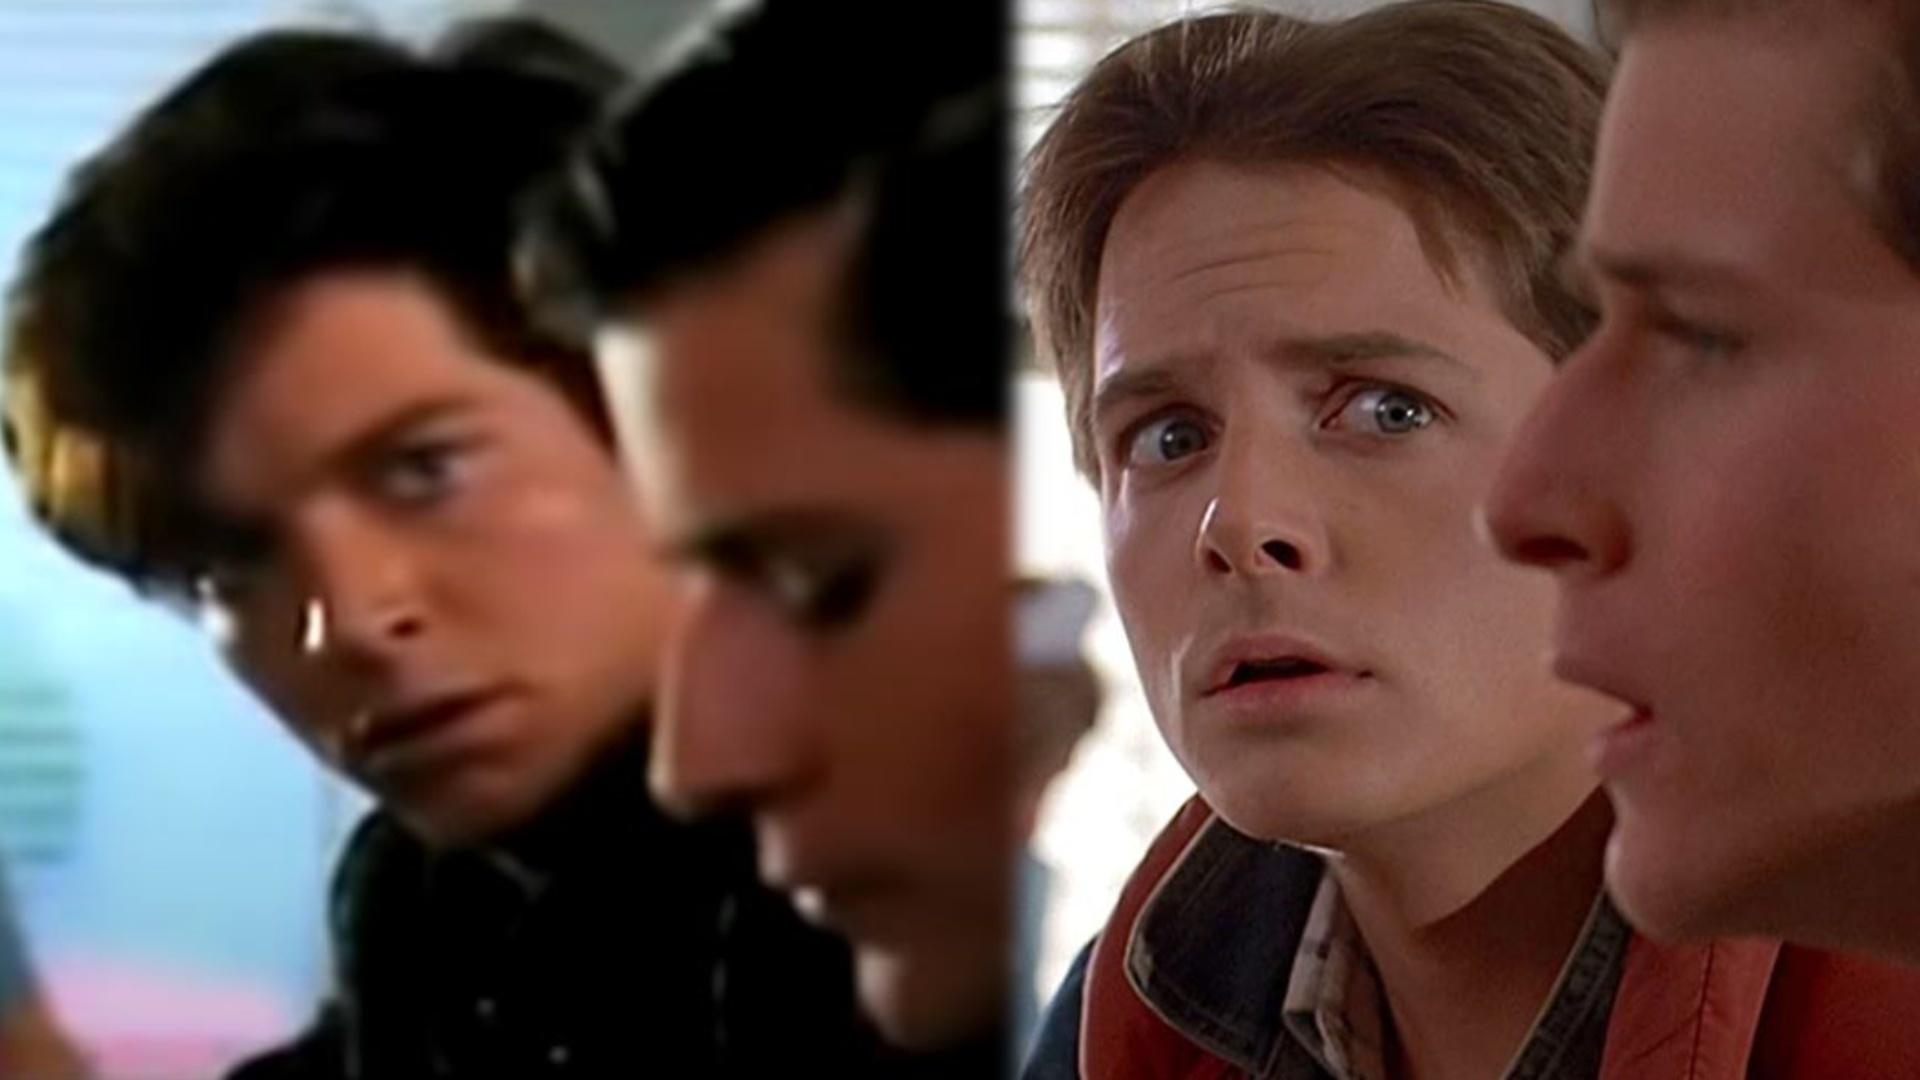 Montaje de dos planos de 'Regreso al futuro'. A la izquierda, el actor Eric Stoltz ('Máscara' (1985), primer intérprete que estuvo tras el papel de Marty McFly. A la derecha, el que finalmente sería protagonistas Michael J. Fox.